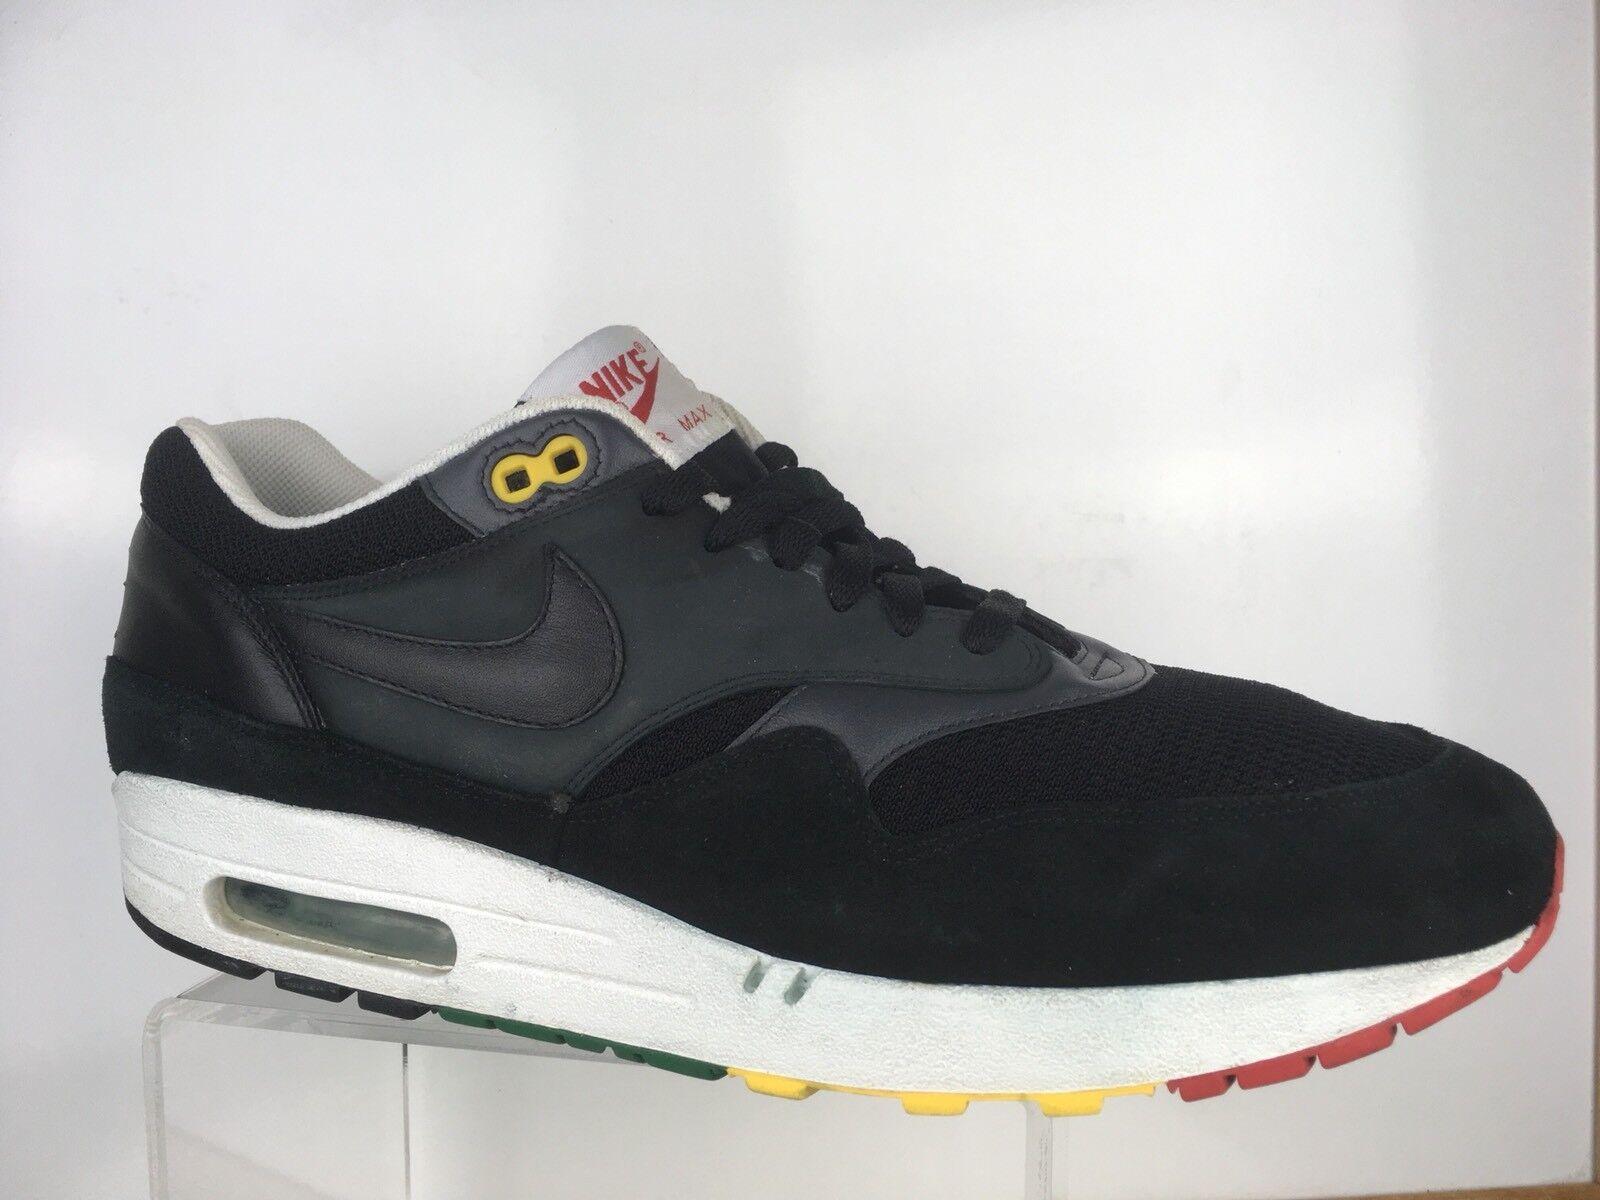 Nike Air Max 1 Rasta Mens Sz 13 307133-003 Blk Suede Reggae Jamaica No Insoles